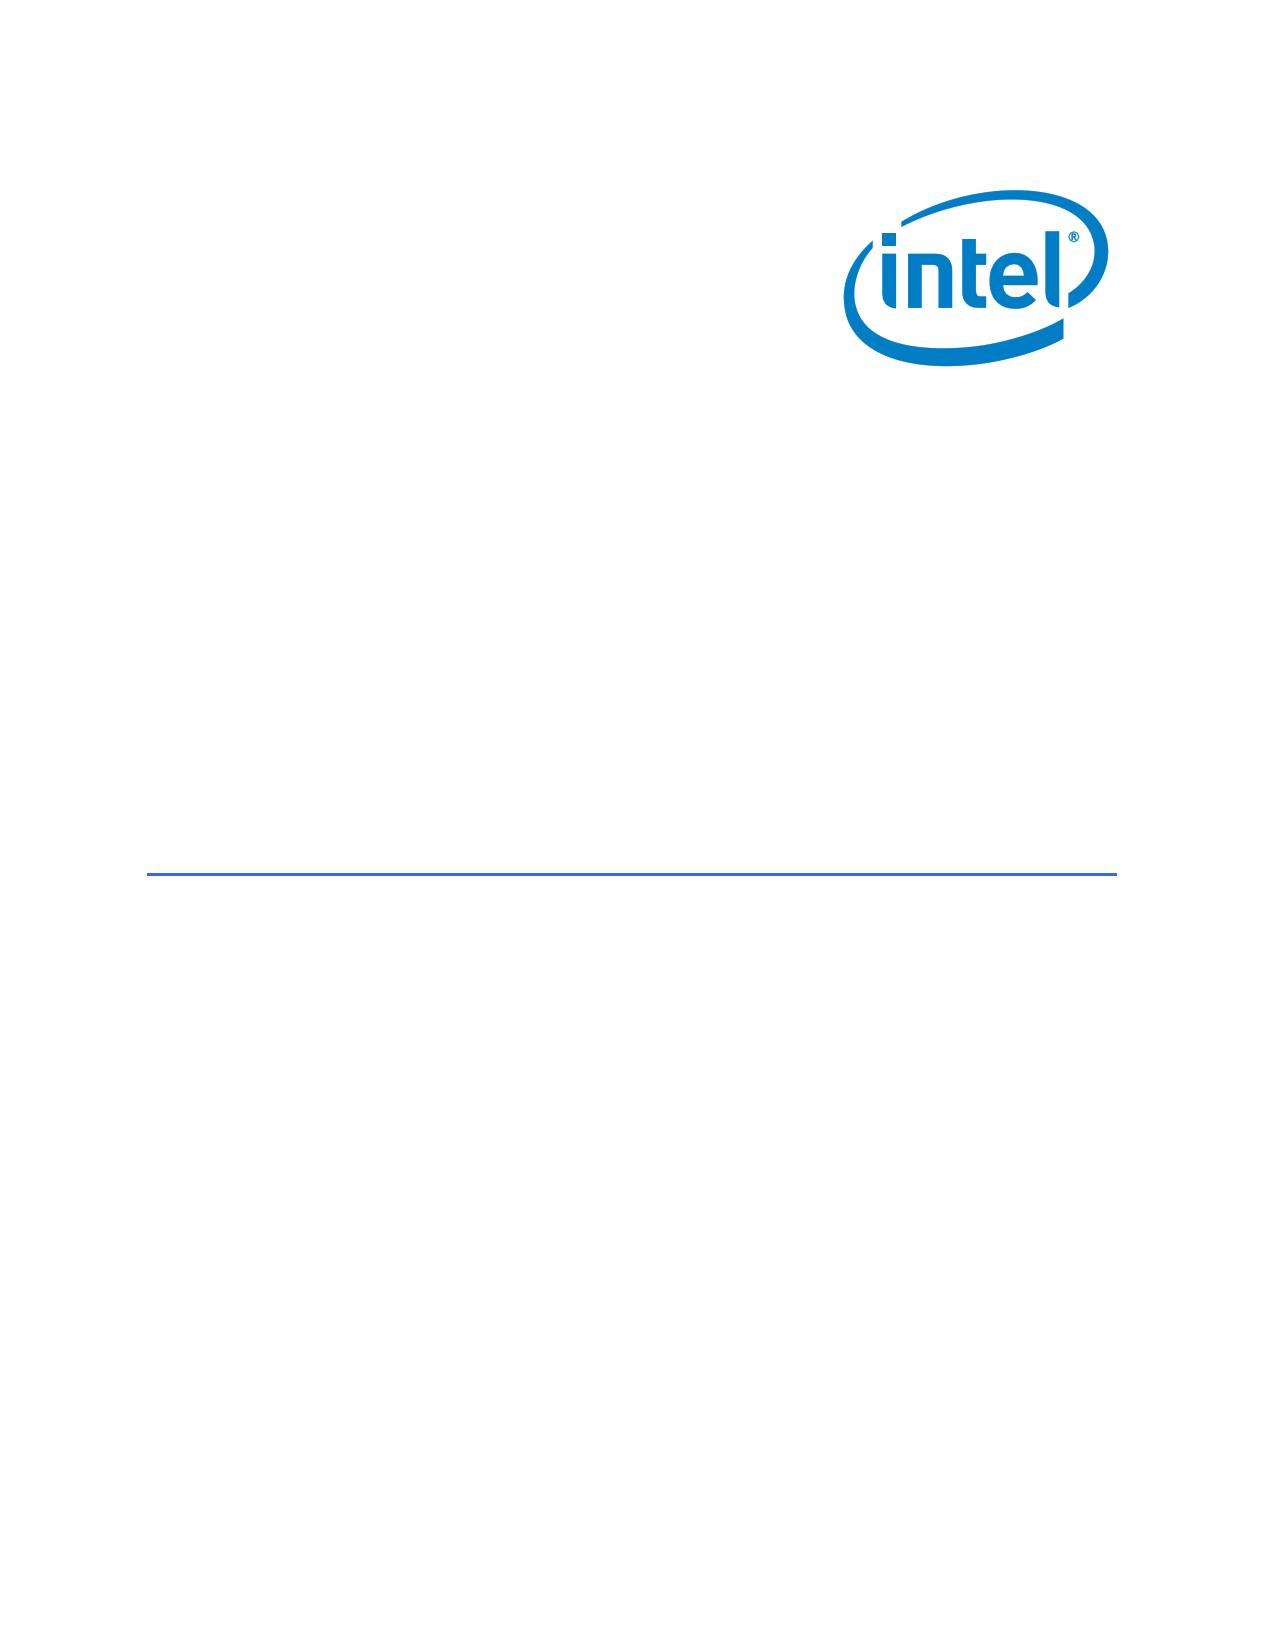 D102GGC2 datasheet